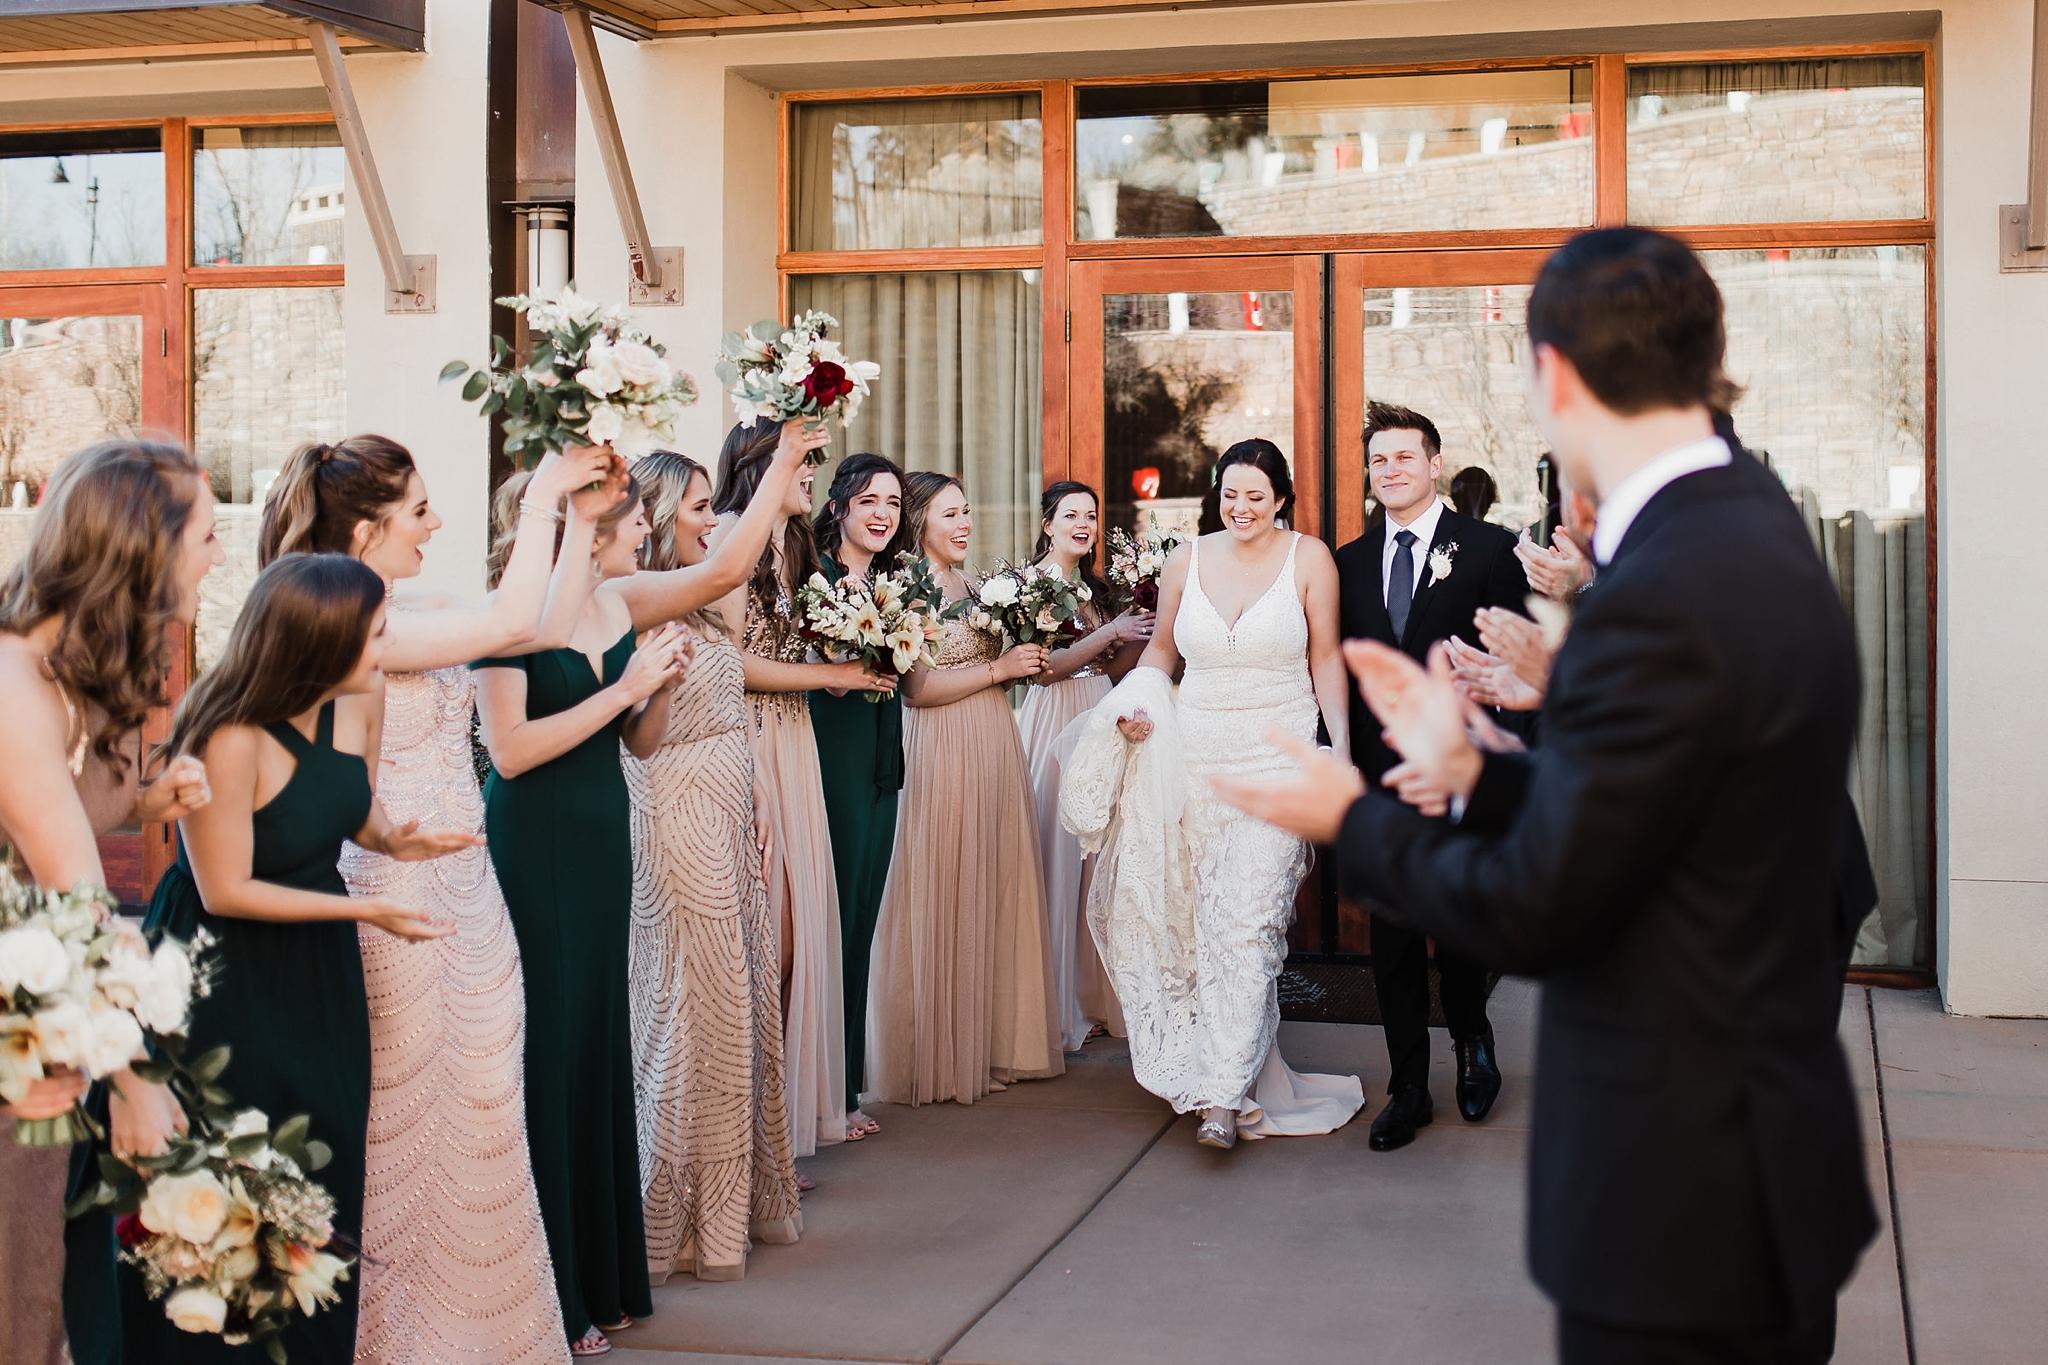 Alicia+lucia+photography+-+albuquerque+wedding+photographer+-+santa+fe+wedding+photography+-+new+mexico+wedding+photographer+-+new+mexico+wedding+-+santa+fe+wedding+-+four+seasons+wedding+-+winter+wedding_0075.jpg